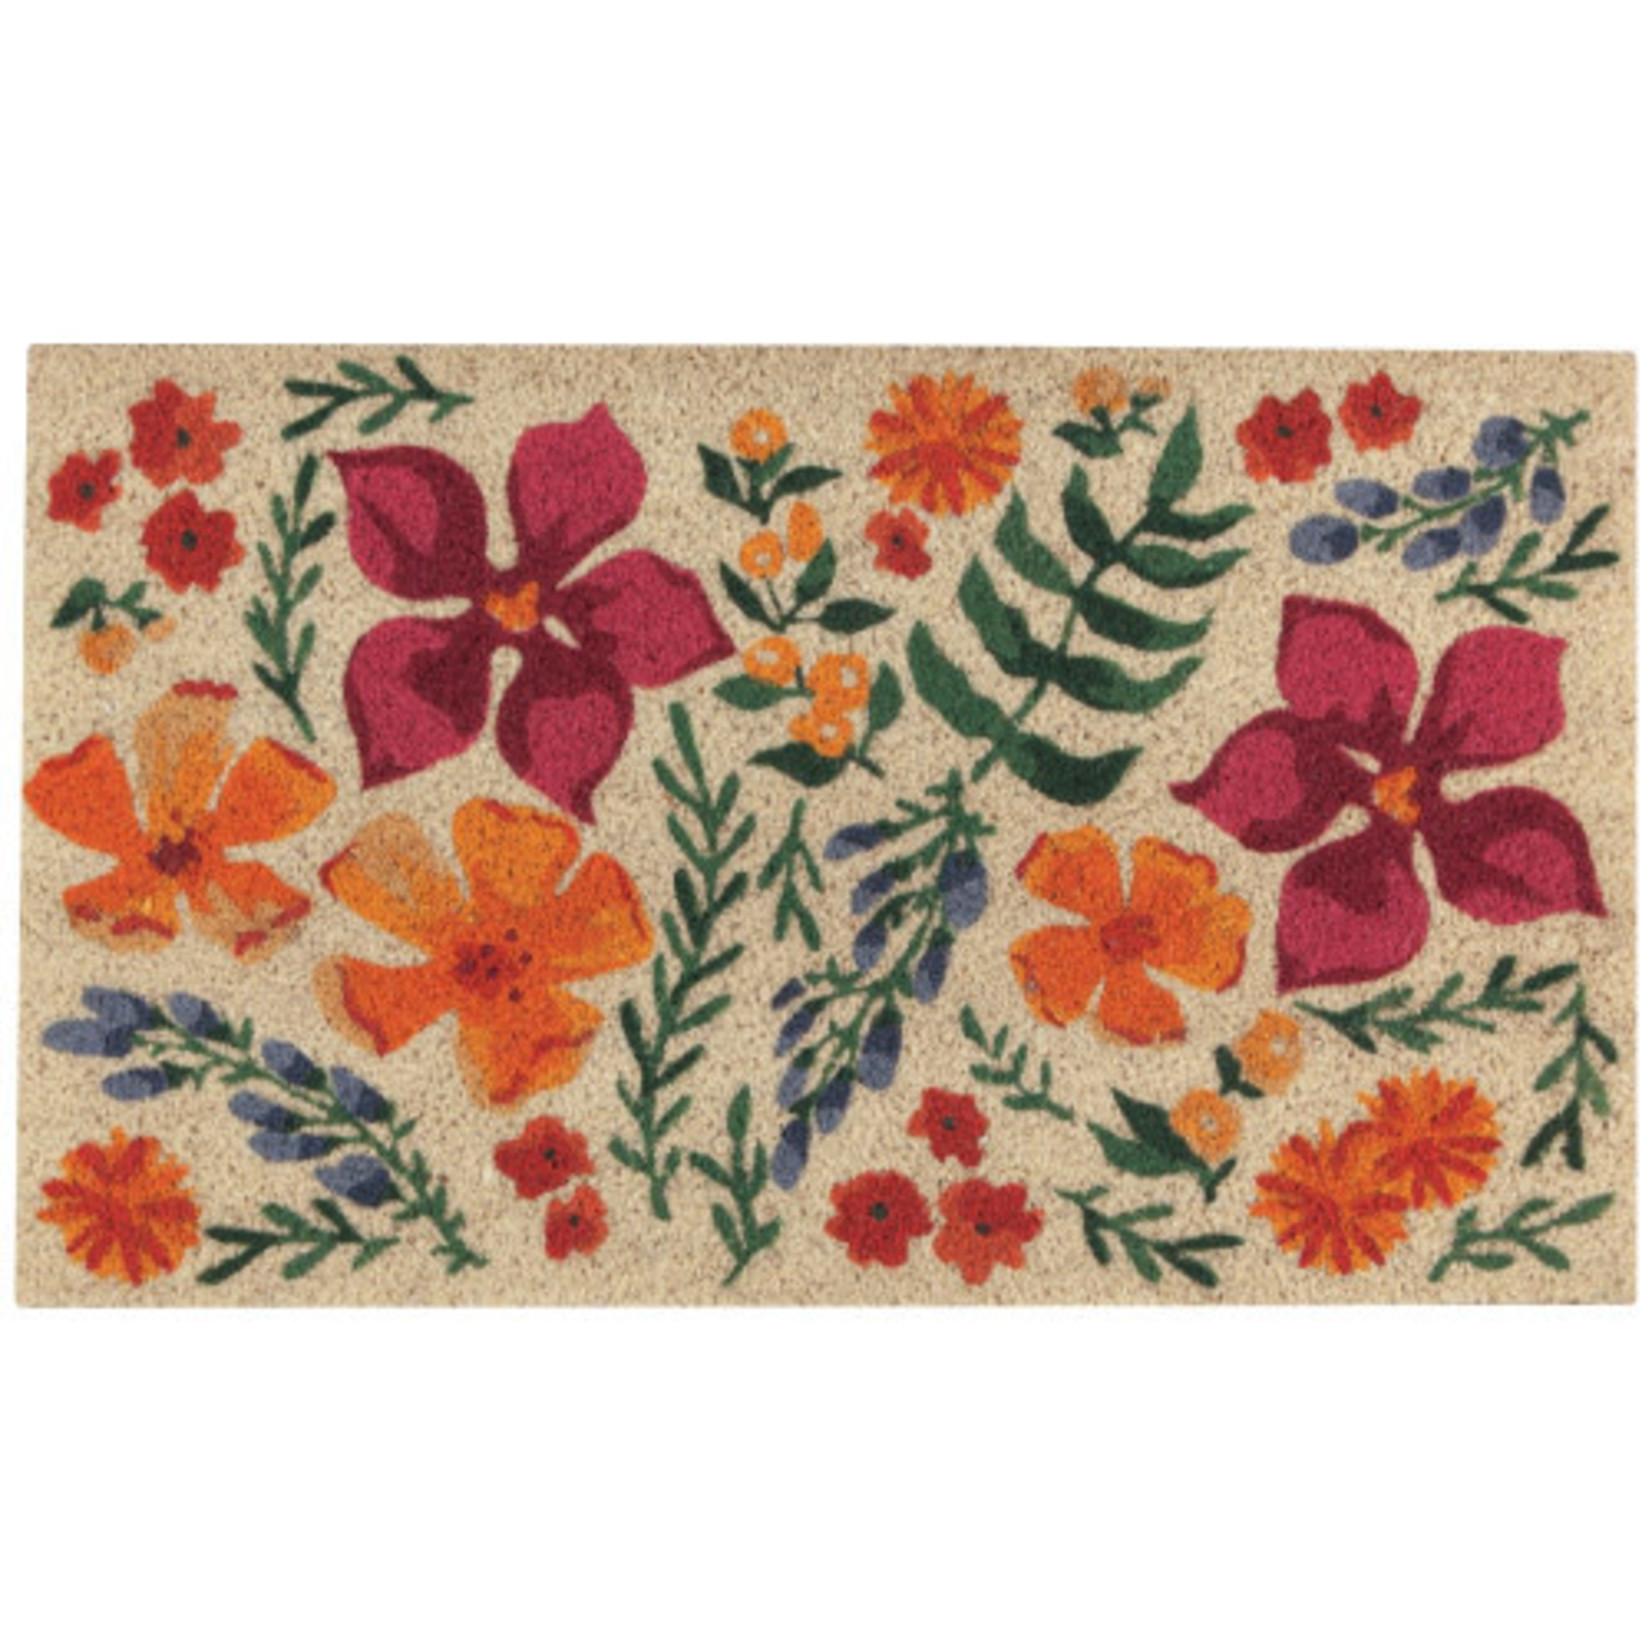 Danica Botanica Doormat